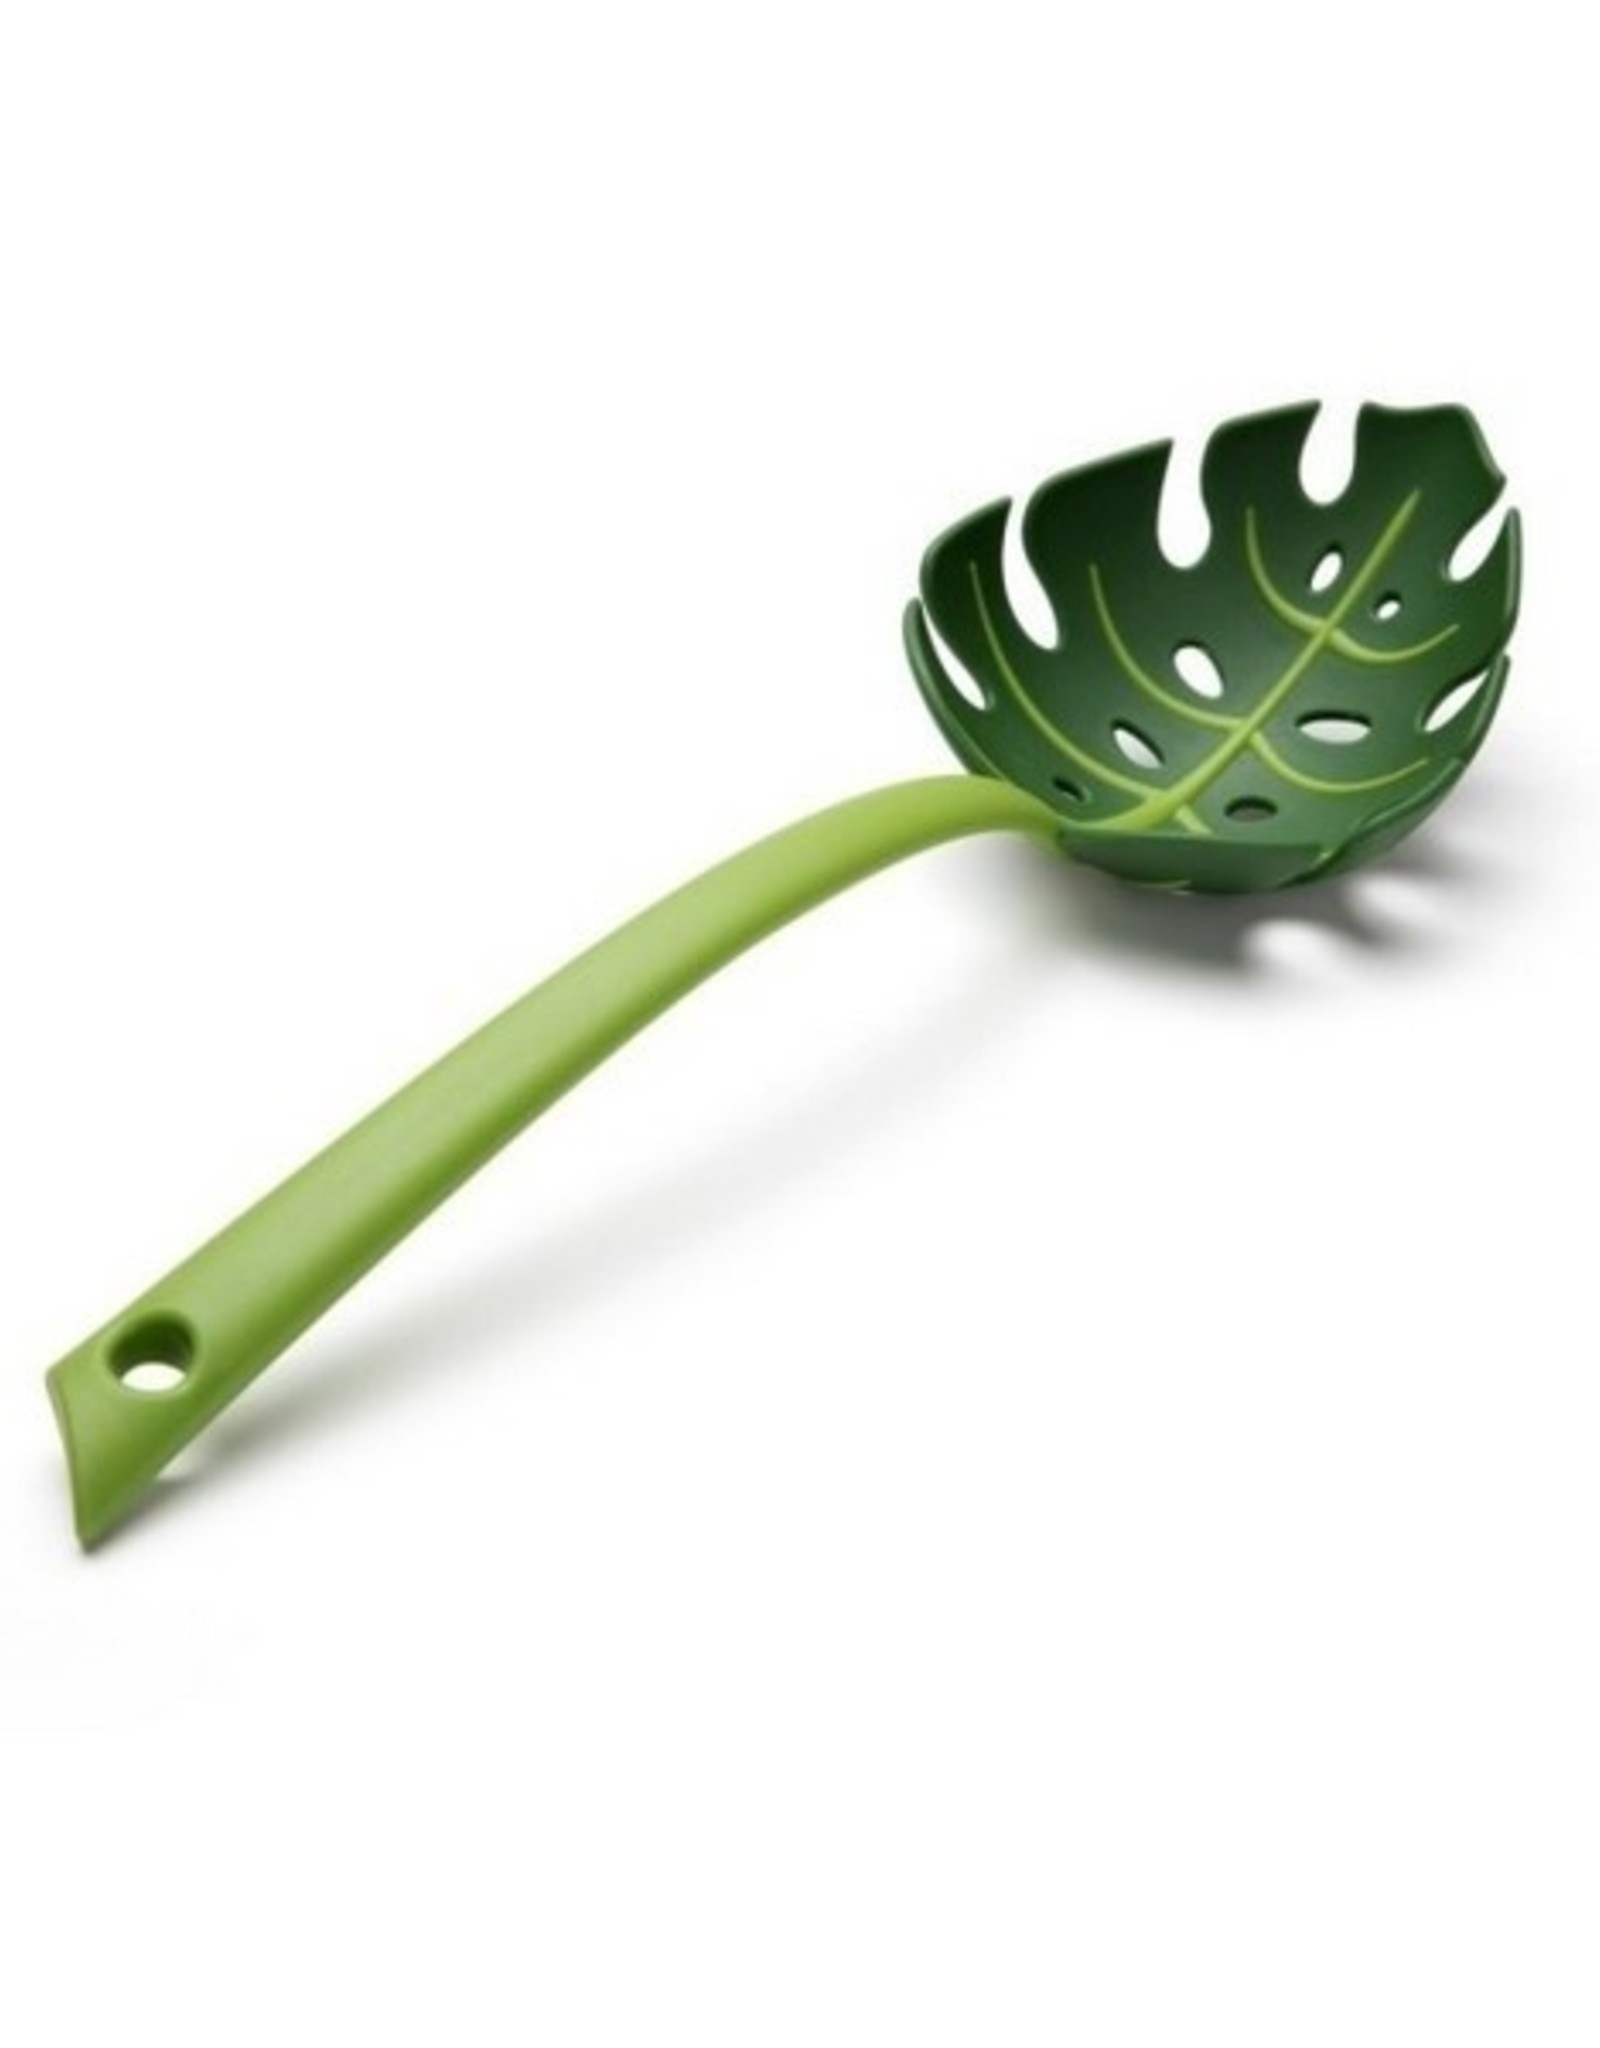 Ototo Jungle Spoon